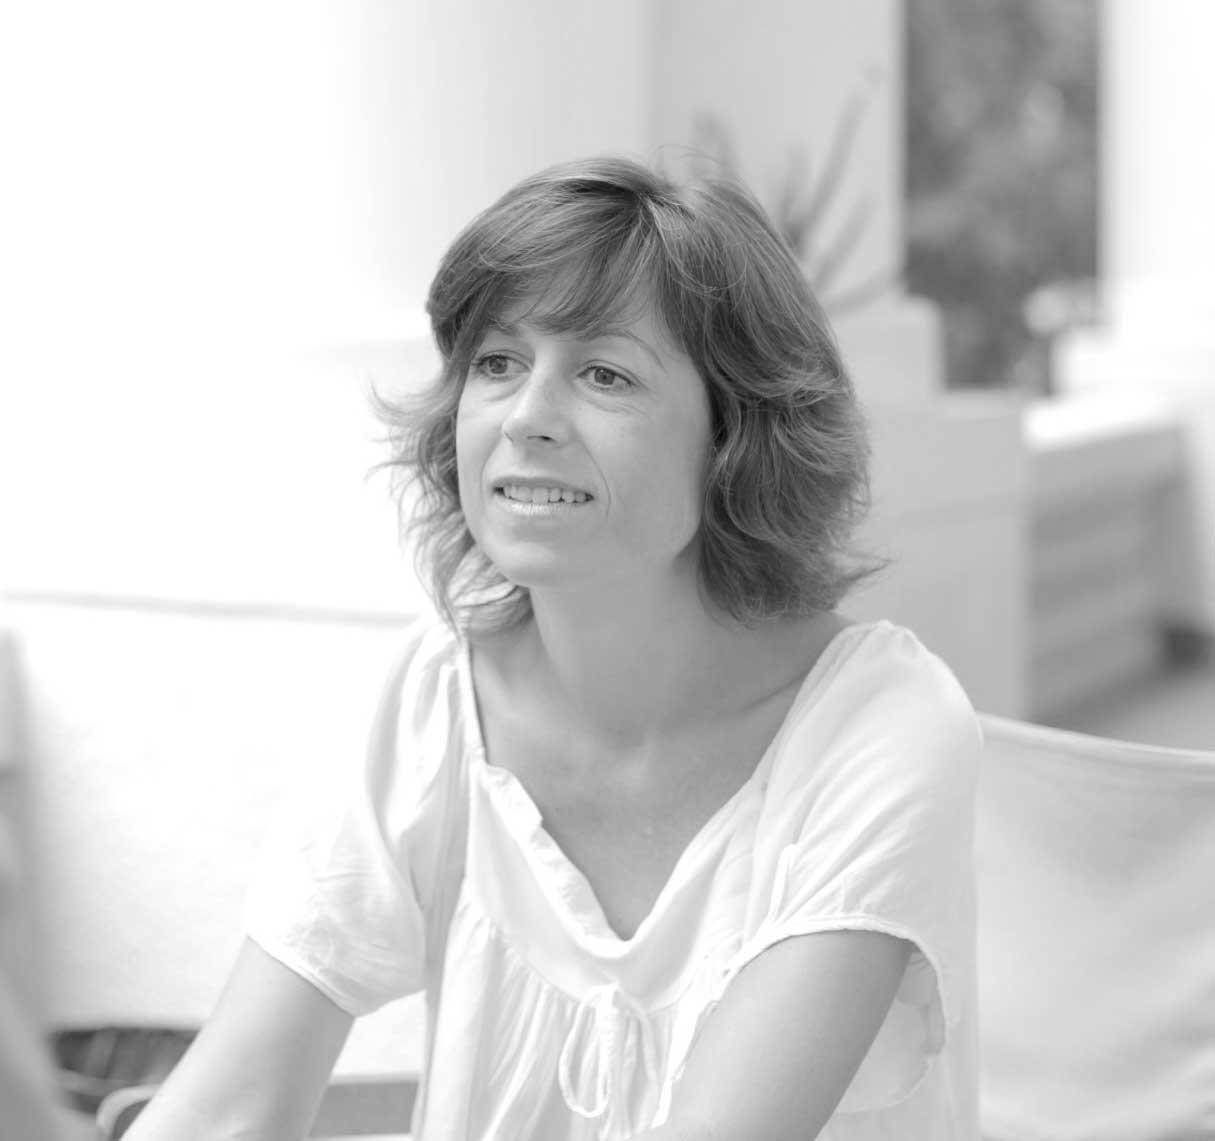 Mónica Iriarte